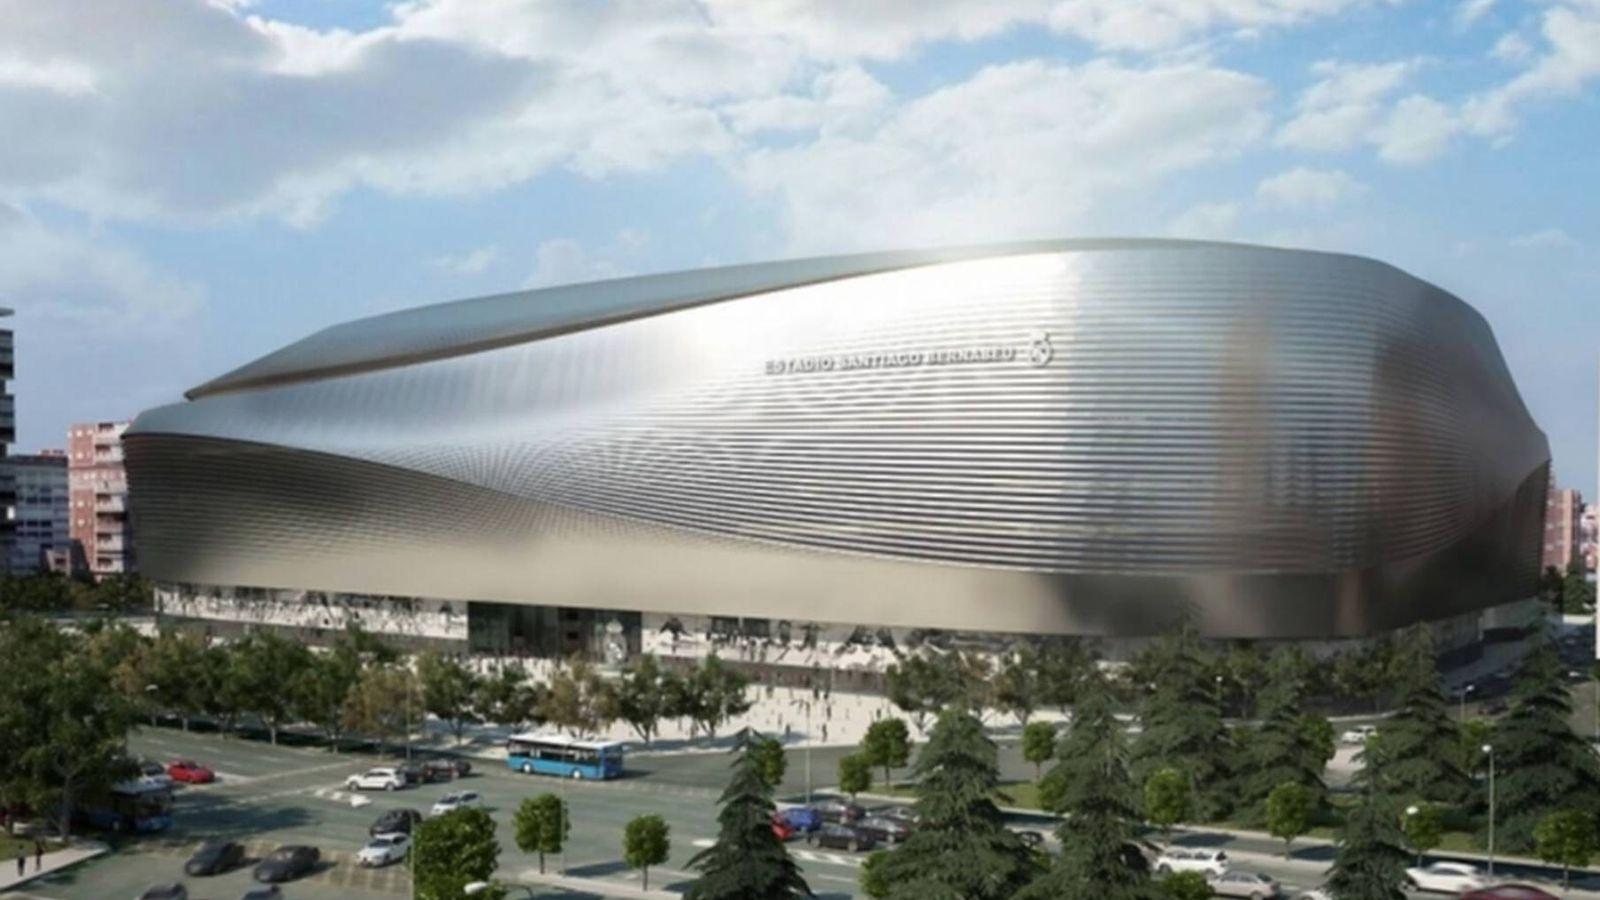 Foto: Panorámica del nuevo estadio Santiago Bernabéu